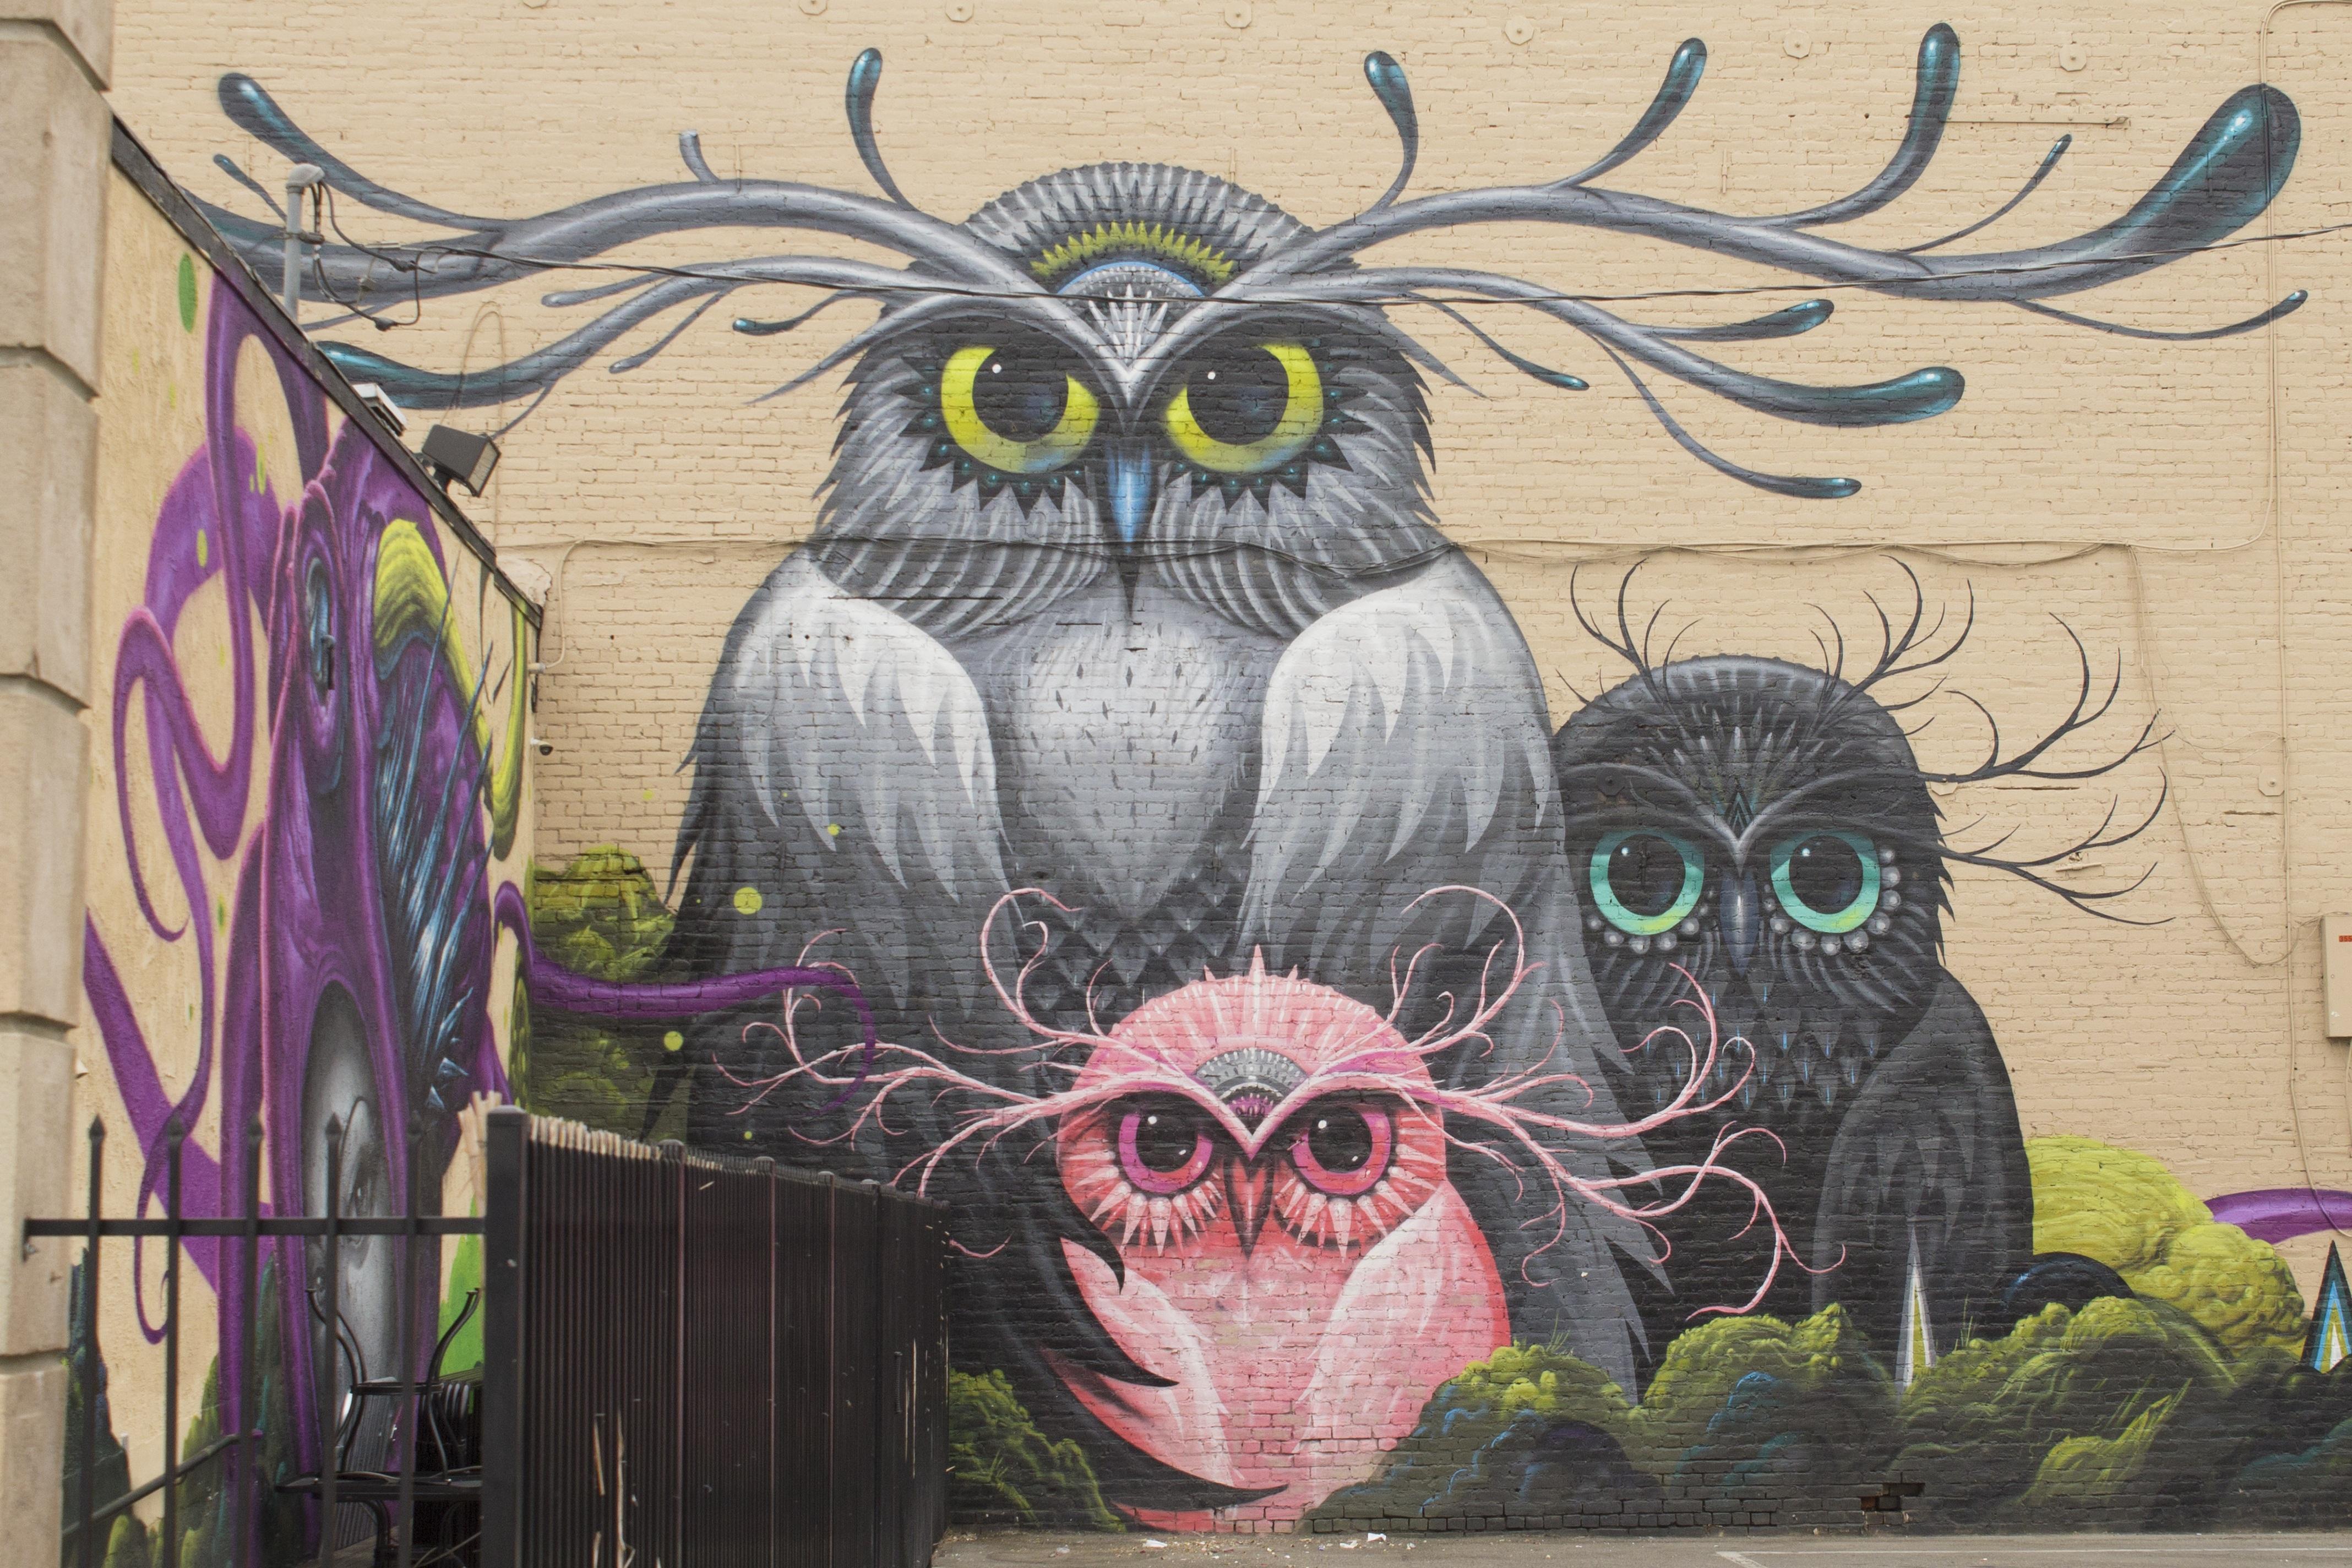 Gambar Perkotaan Artistik Coretan Burung Hantu Burung